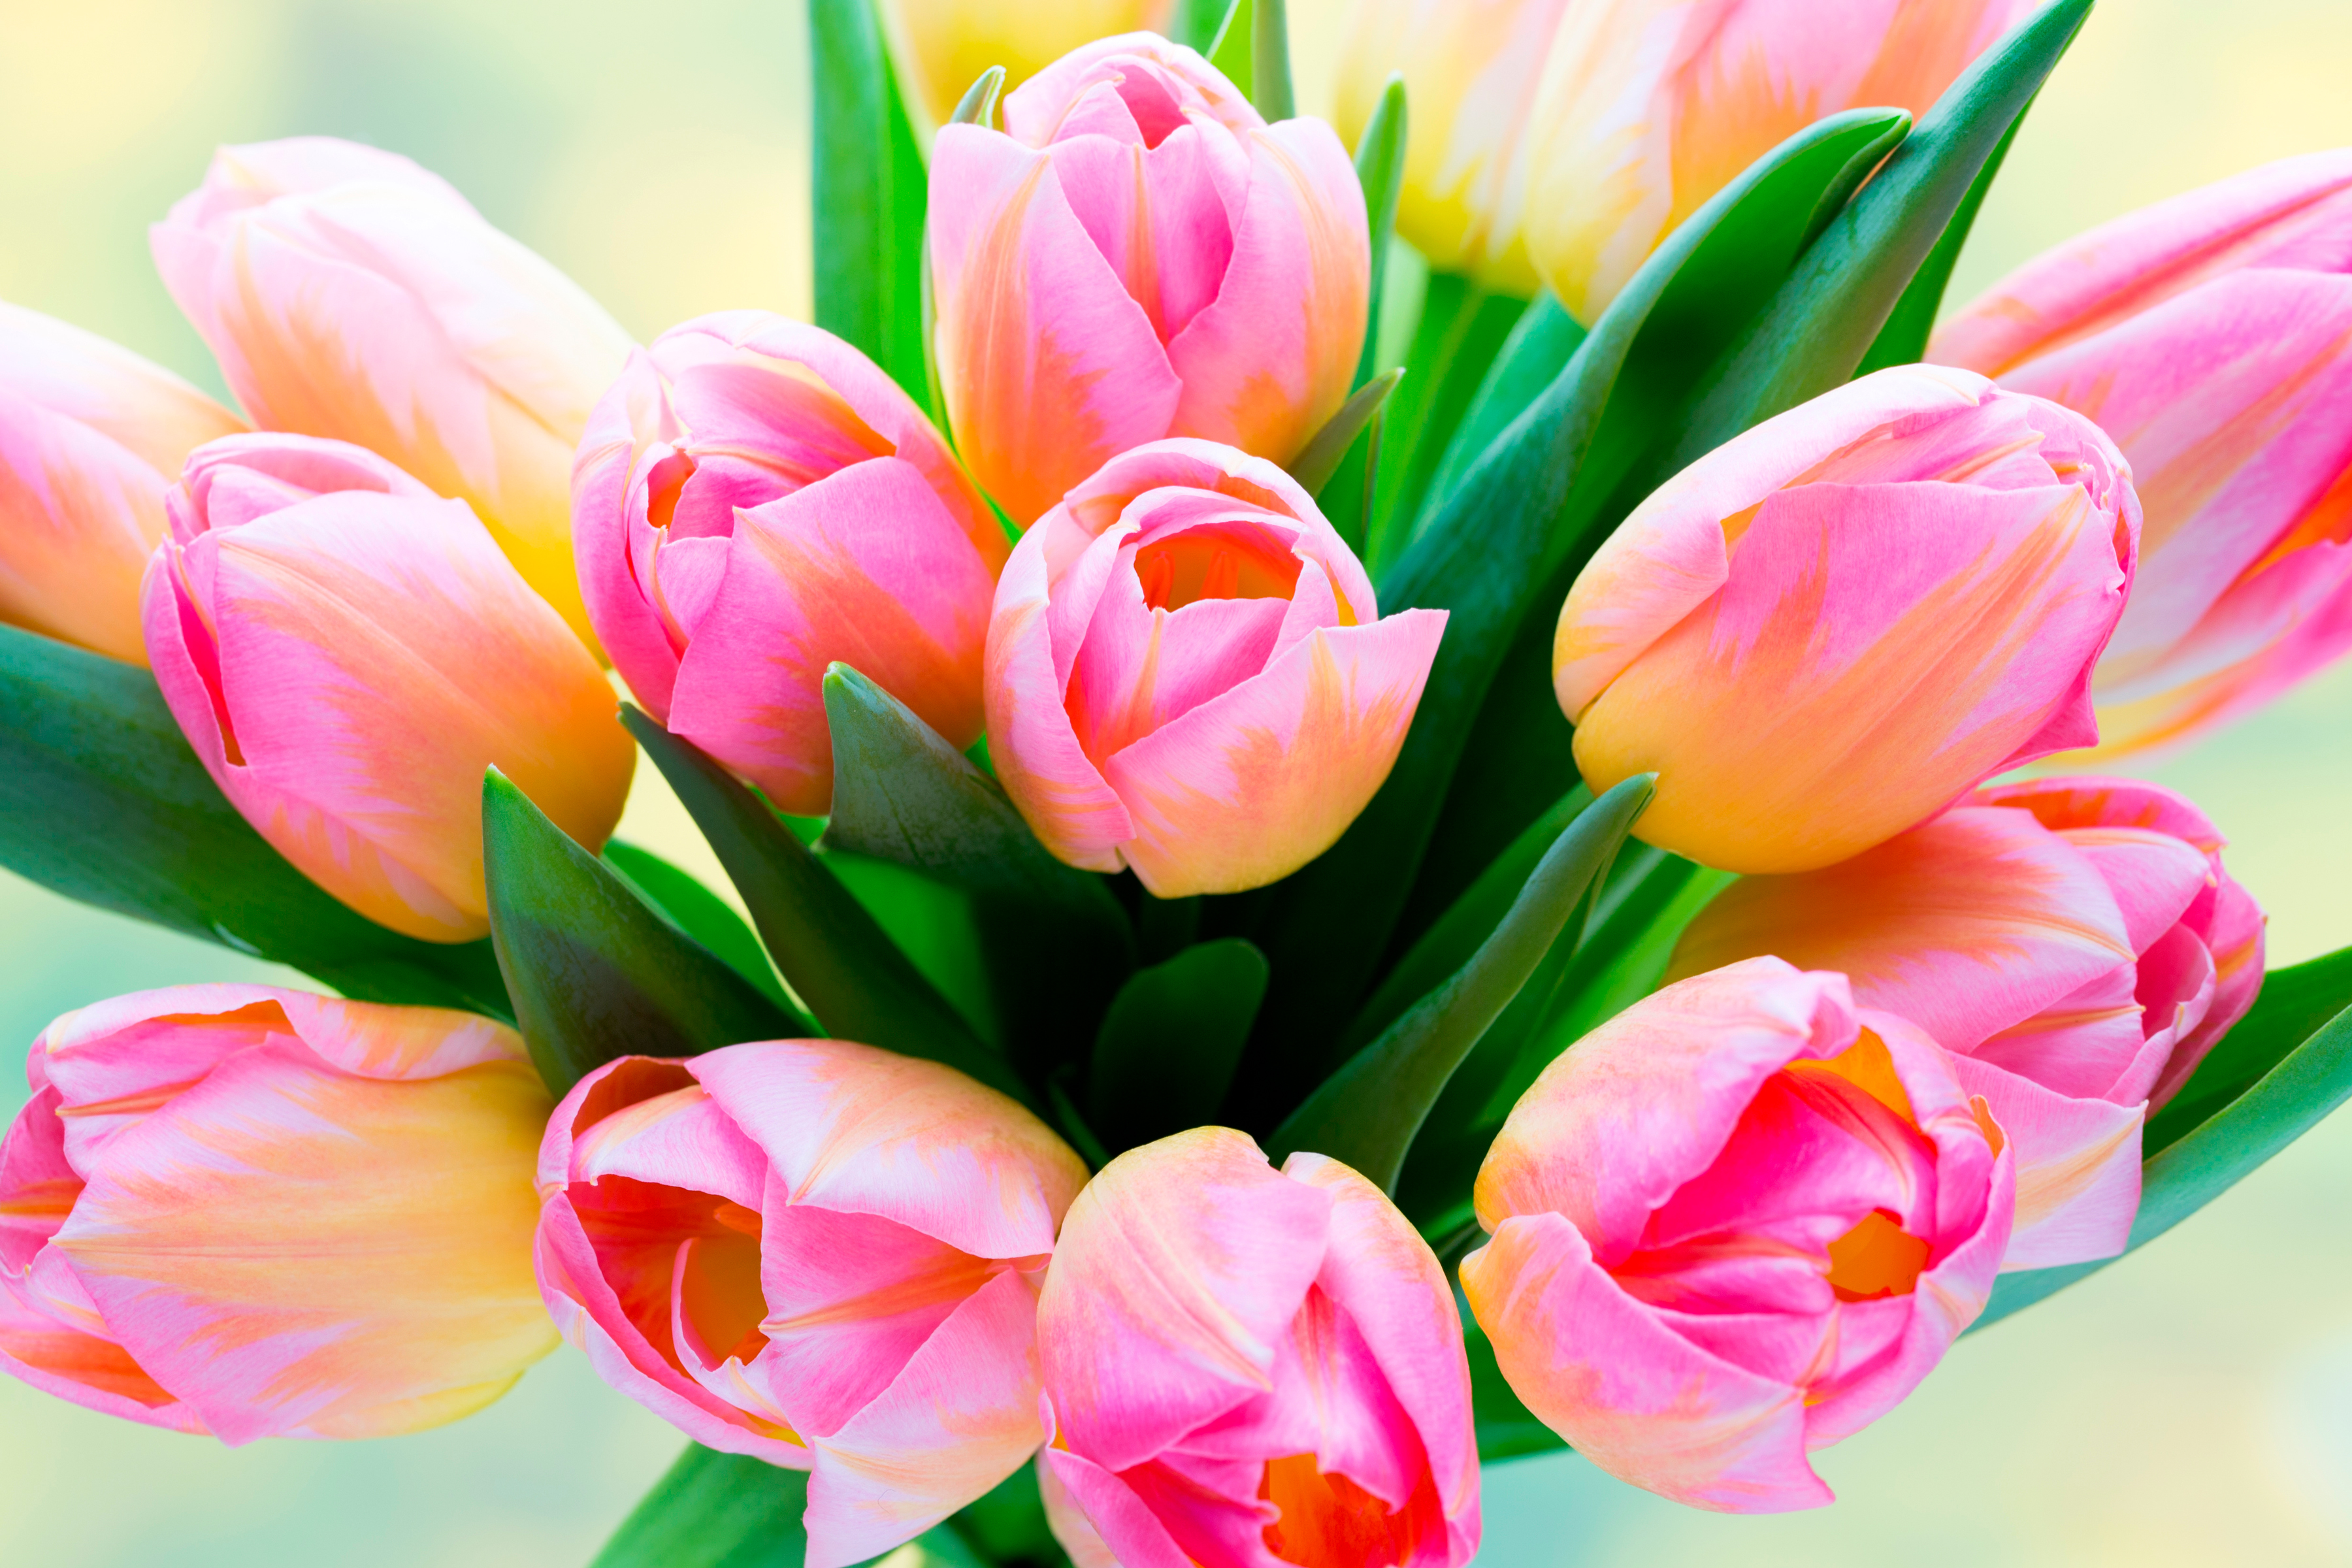 tulip-photo-53